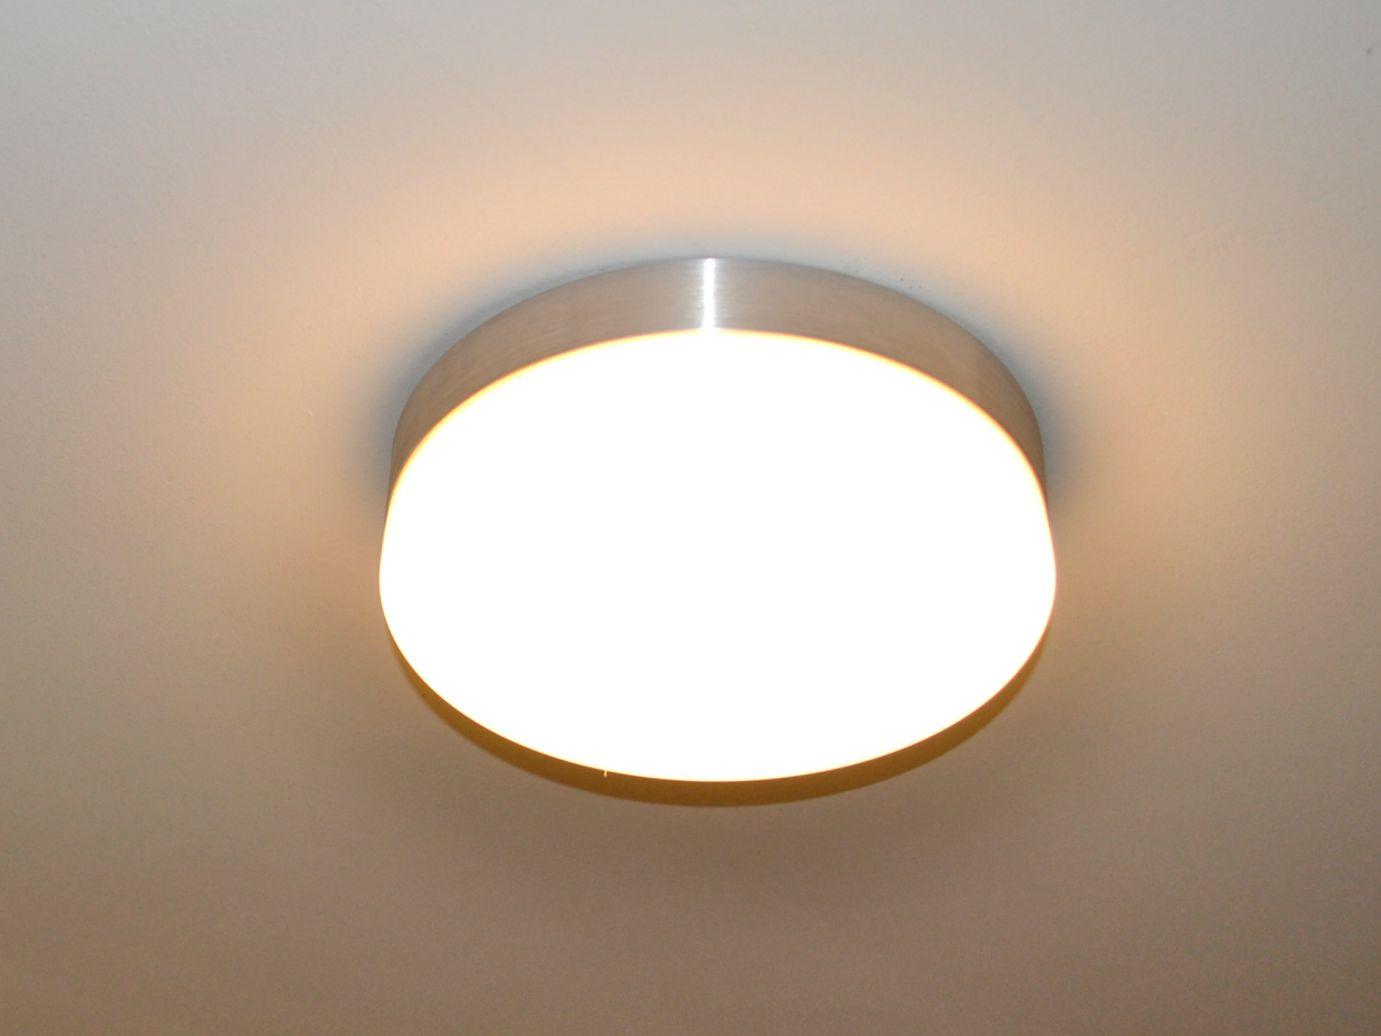 Xd r09 top led deckenlampe deckenleuchte lampe leuchte top for Led deckenleuchte deckenlampe